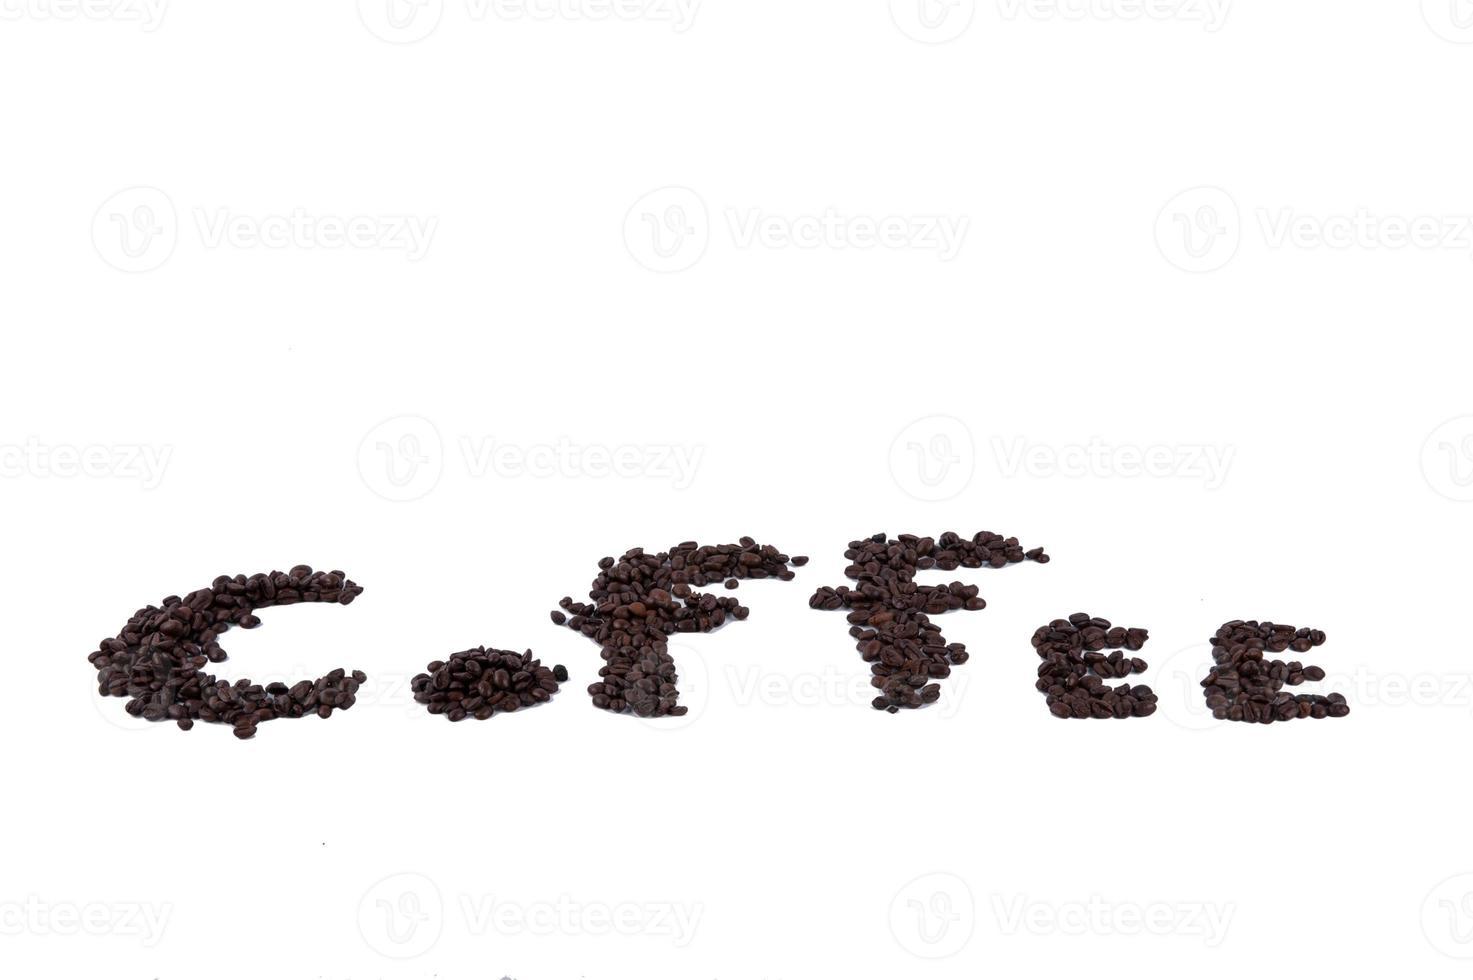 Los granos de café tostado se amontonan desde la parte superior sobre fondo blanco. foto